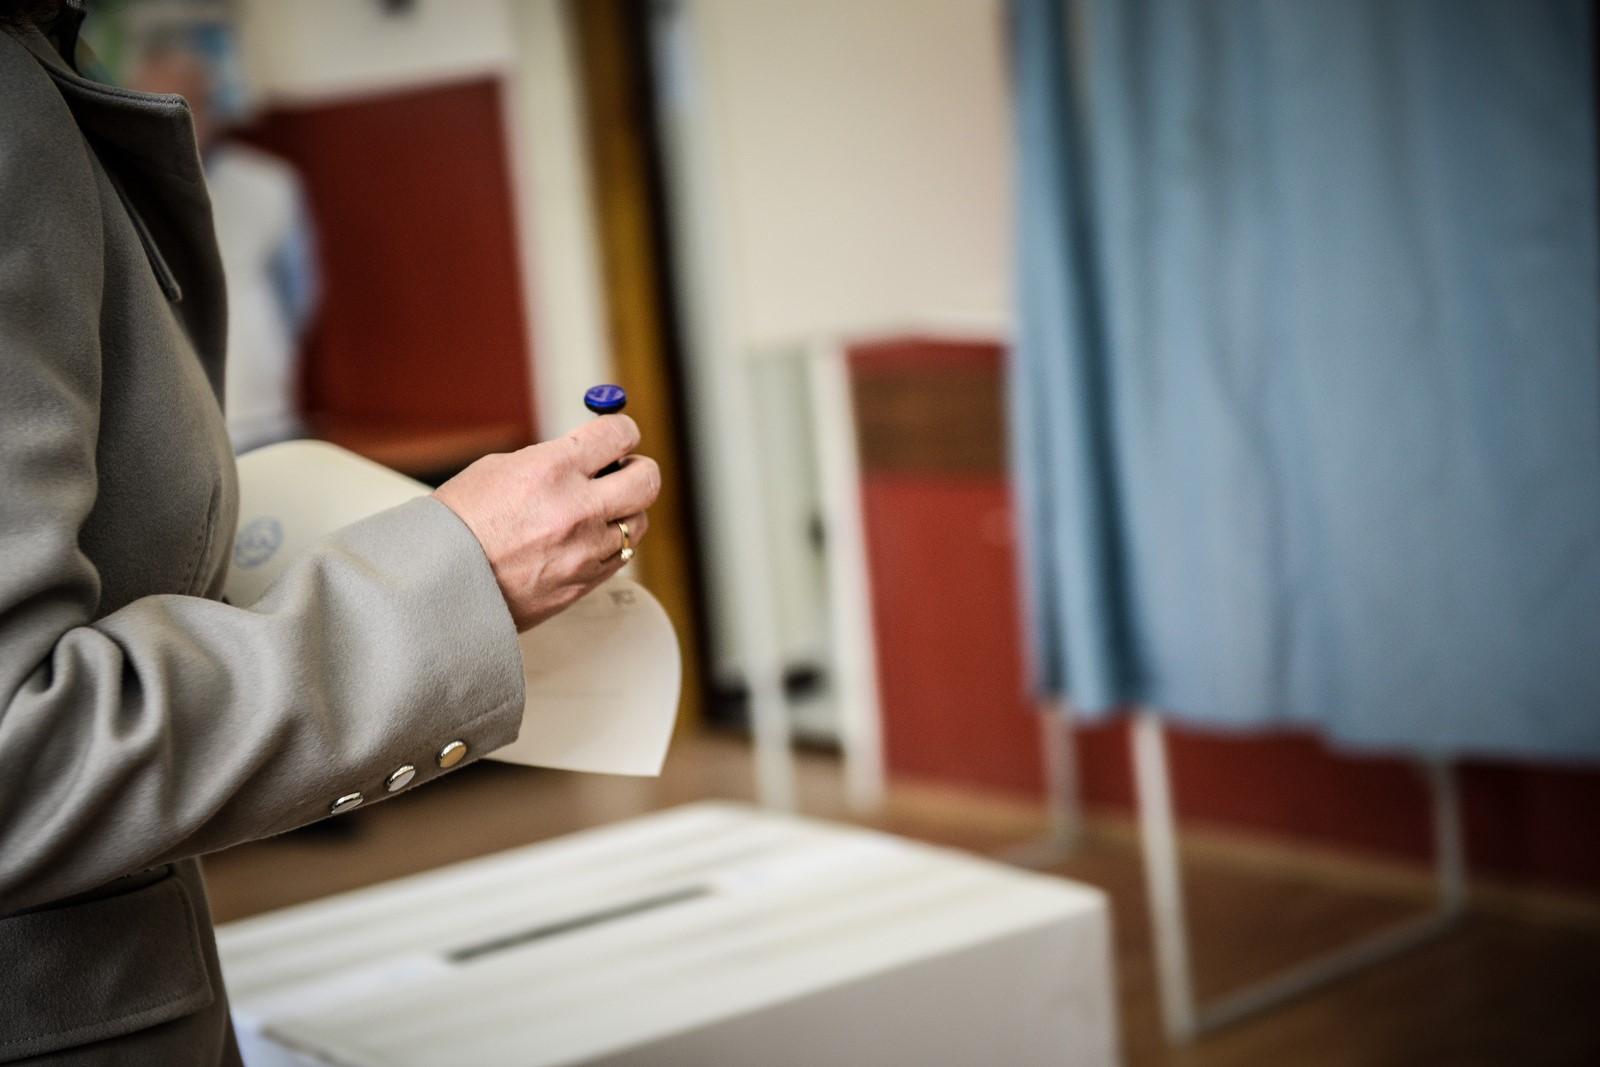 Alegeri la Bîrghiș. Au votat deja mai mult de jumătate